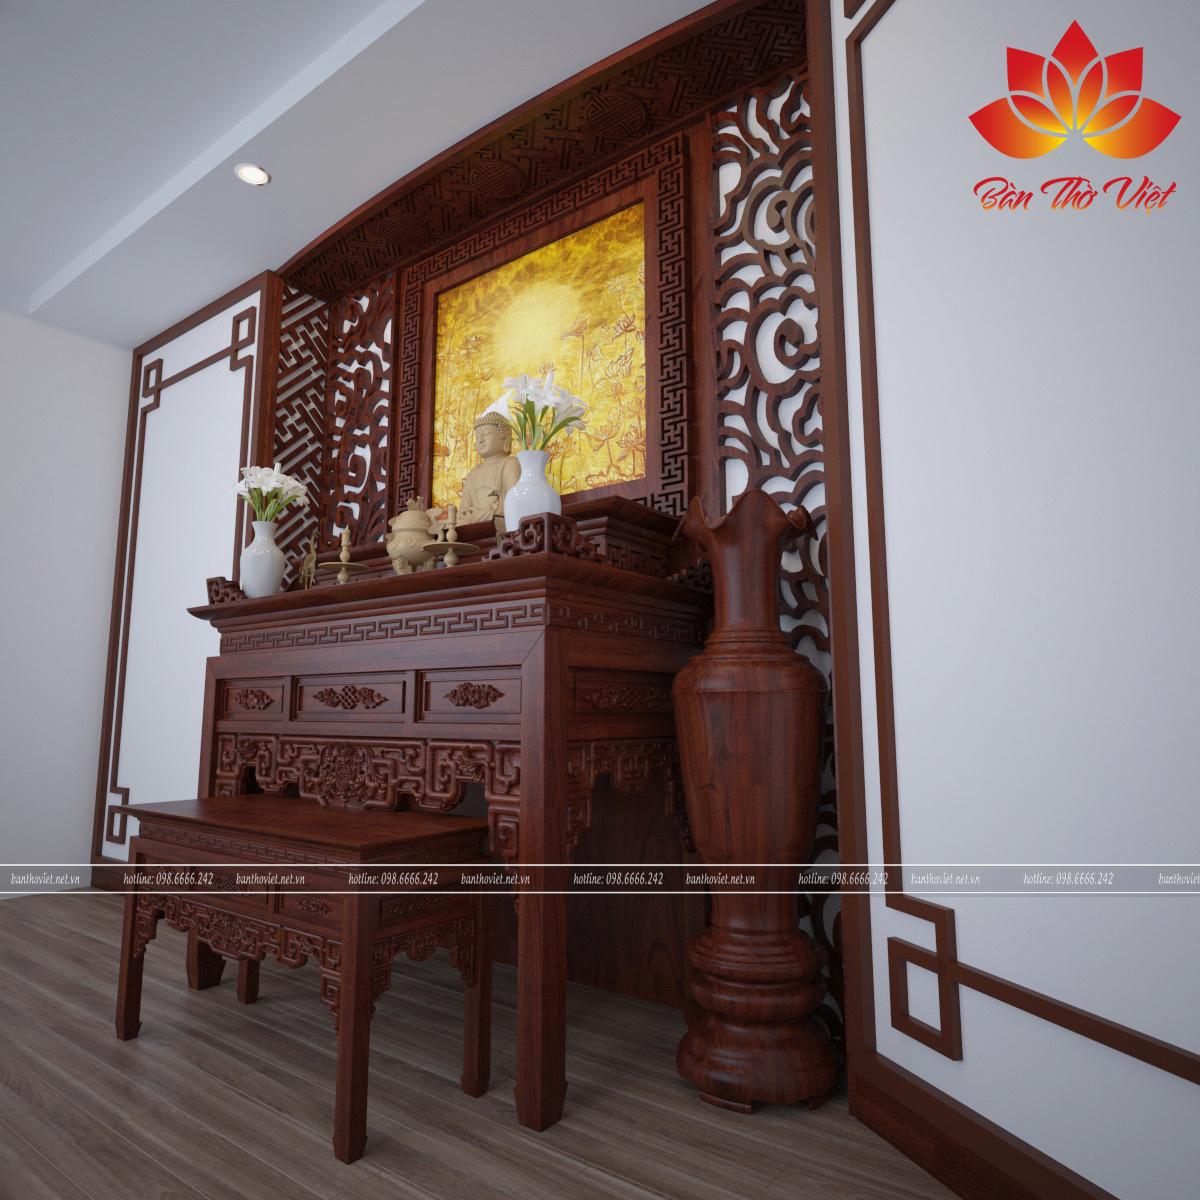 Các thiết kế từ hiện đại đến cổ điển tùy theo yêu cầu của mỗi khách hàng với dịch vụ phòng thờ ở Gia Lâm